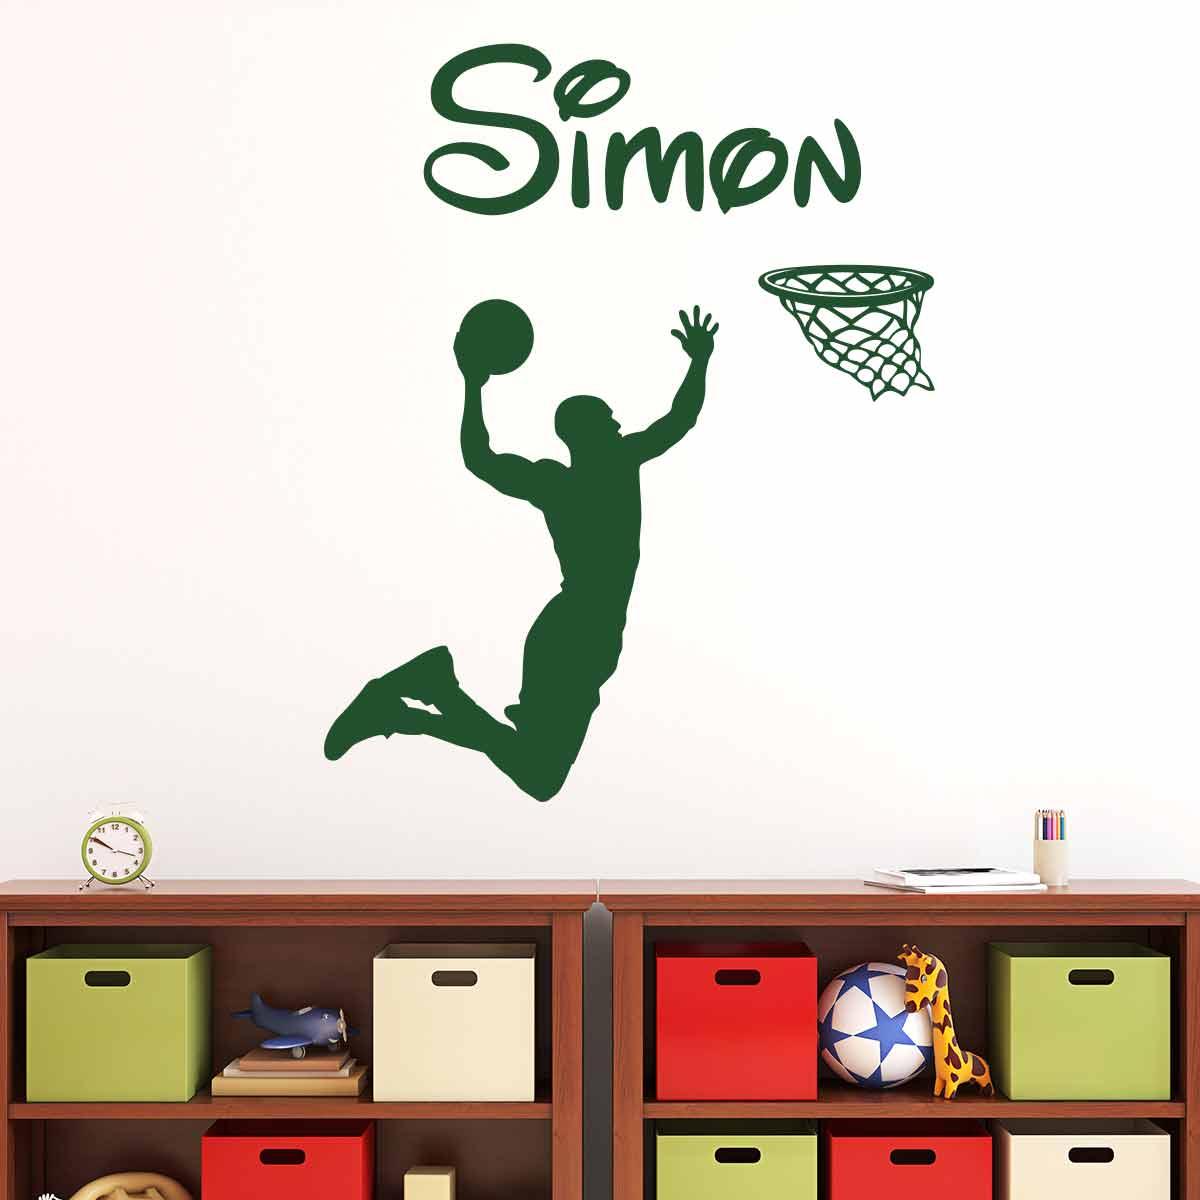 Großartig Wandtattoo Basketball Referenz Von Sticker-prenom-personnalise-basketteur-3-ambiance-sticker-name_si_0714.jpg